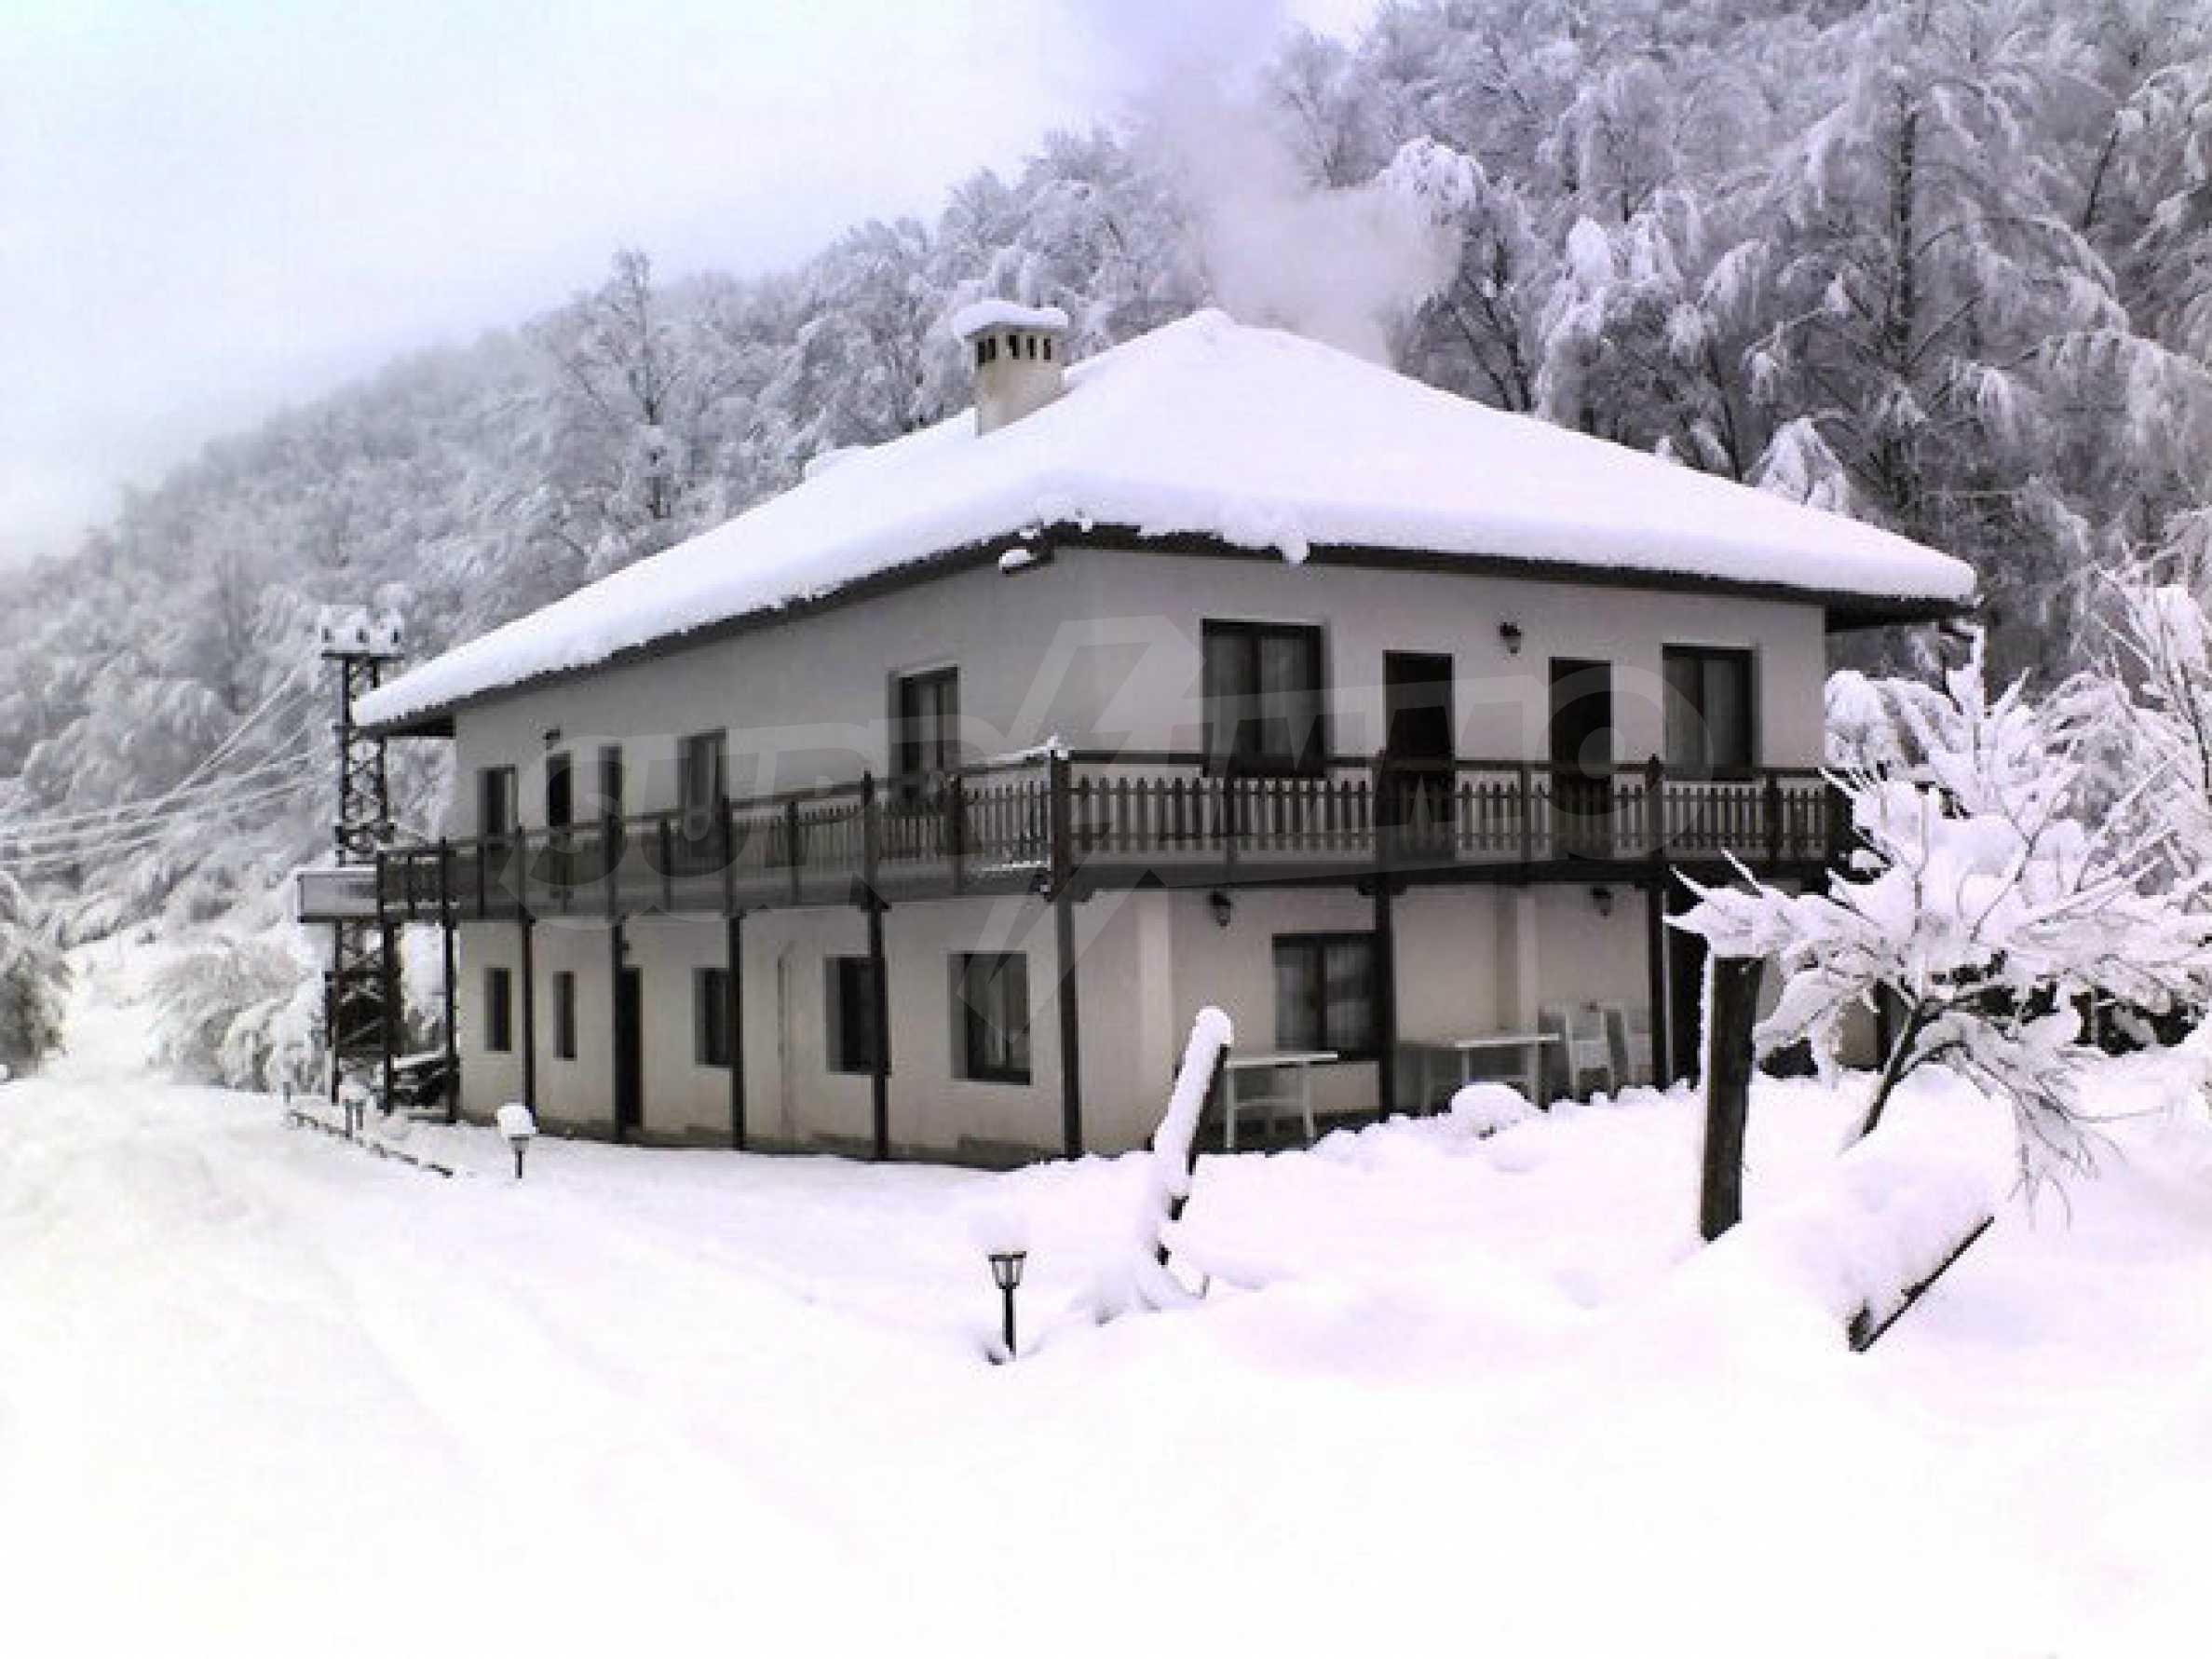 Geräumiges, voll möbliertes und ausgestattetes zweistöckiges Haus in Ribaritsa 27